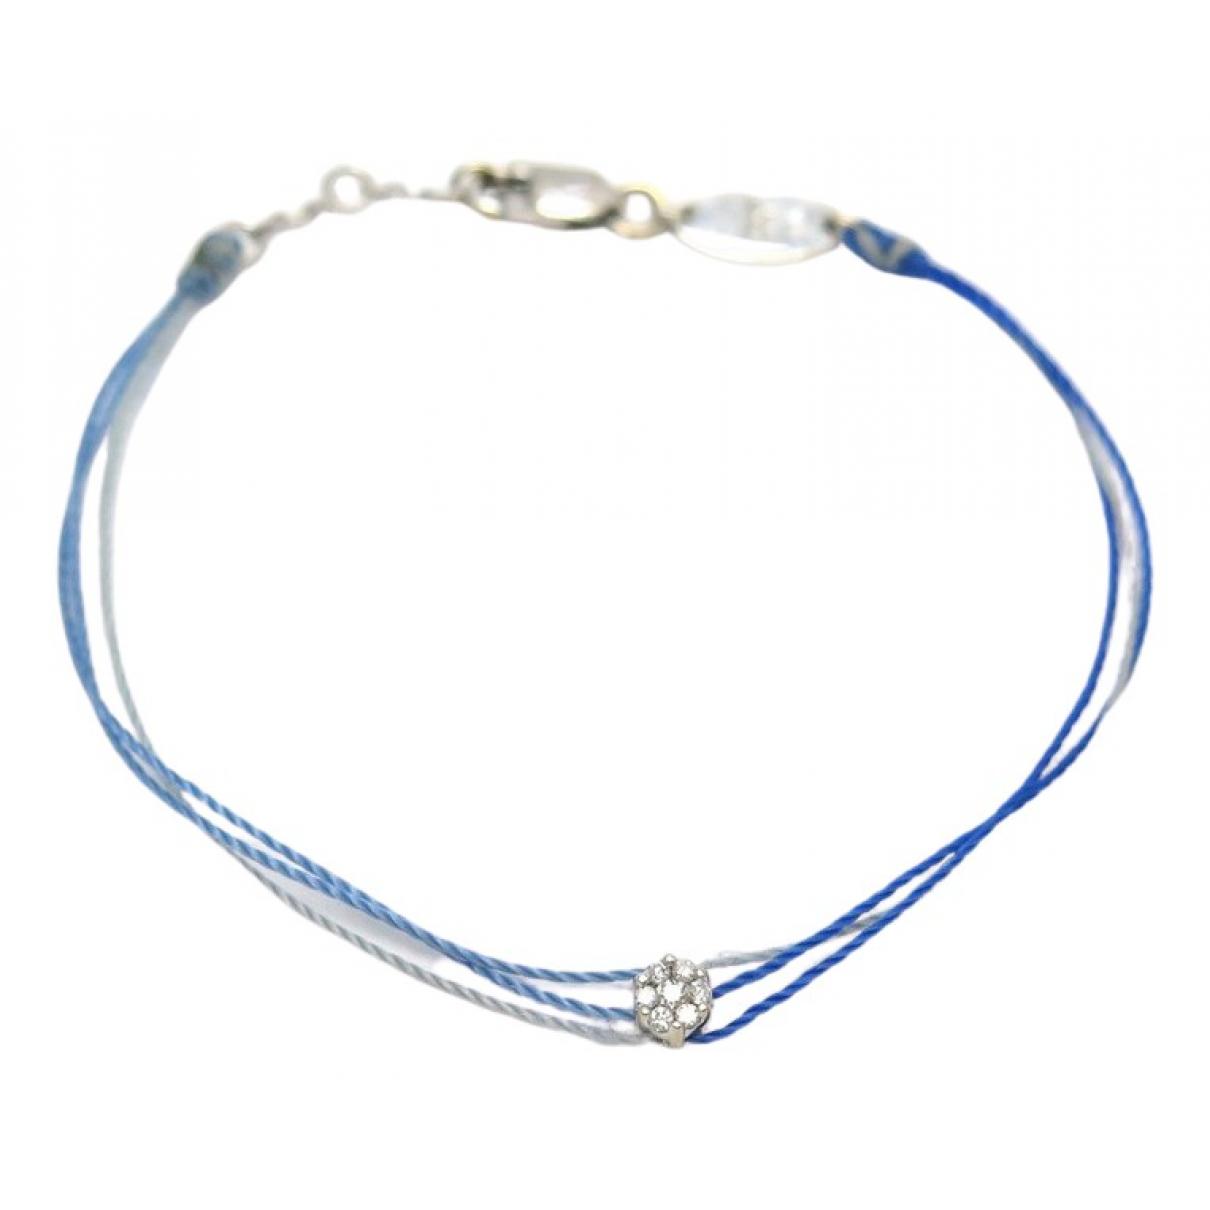 Redline - Bracelet   pour femme en or blanc - bleu